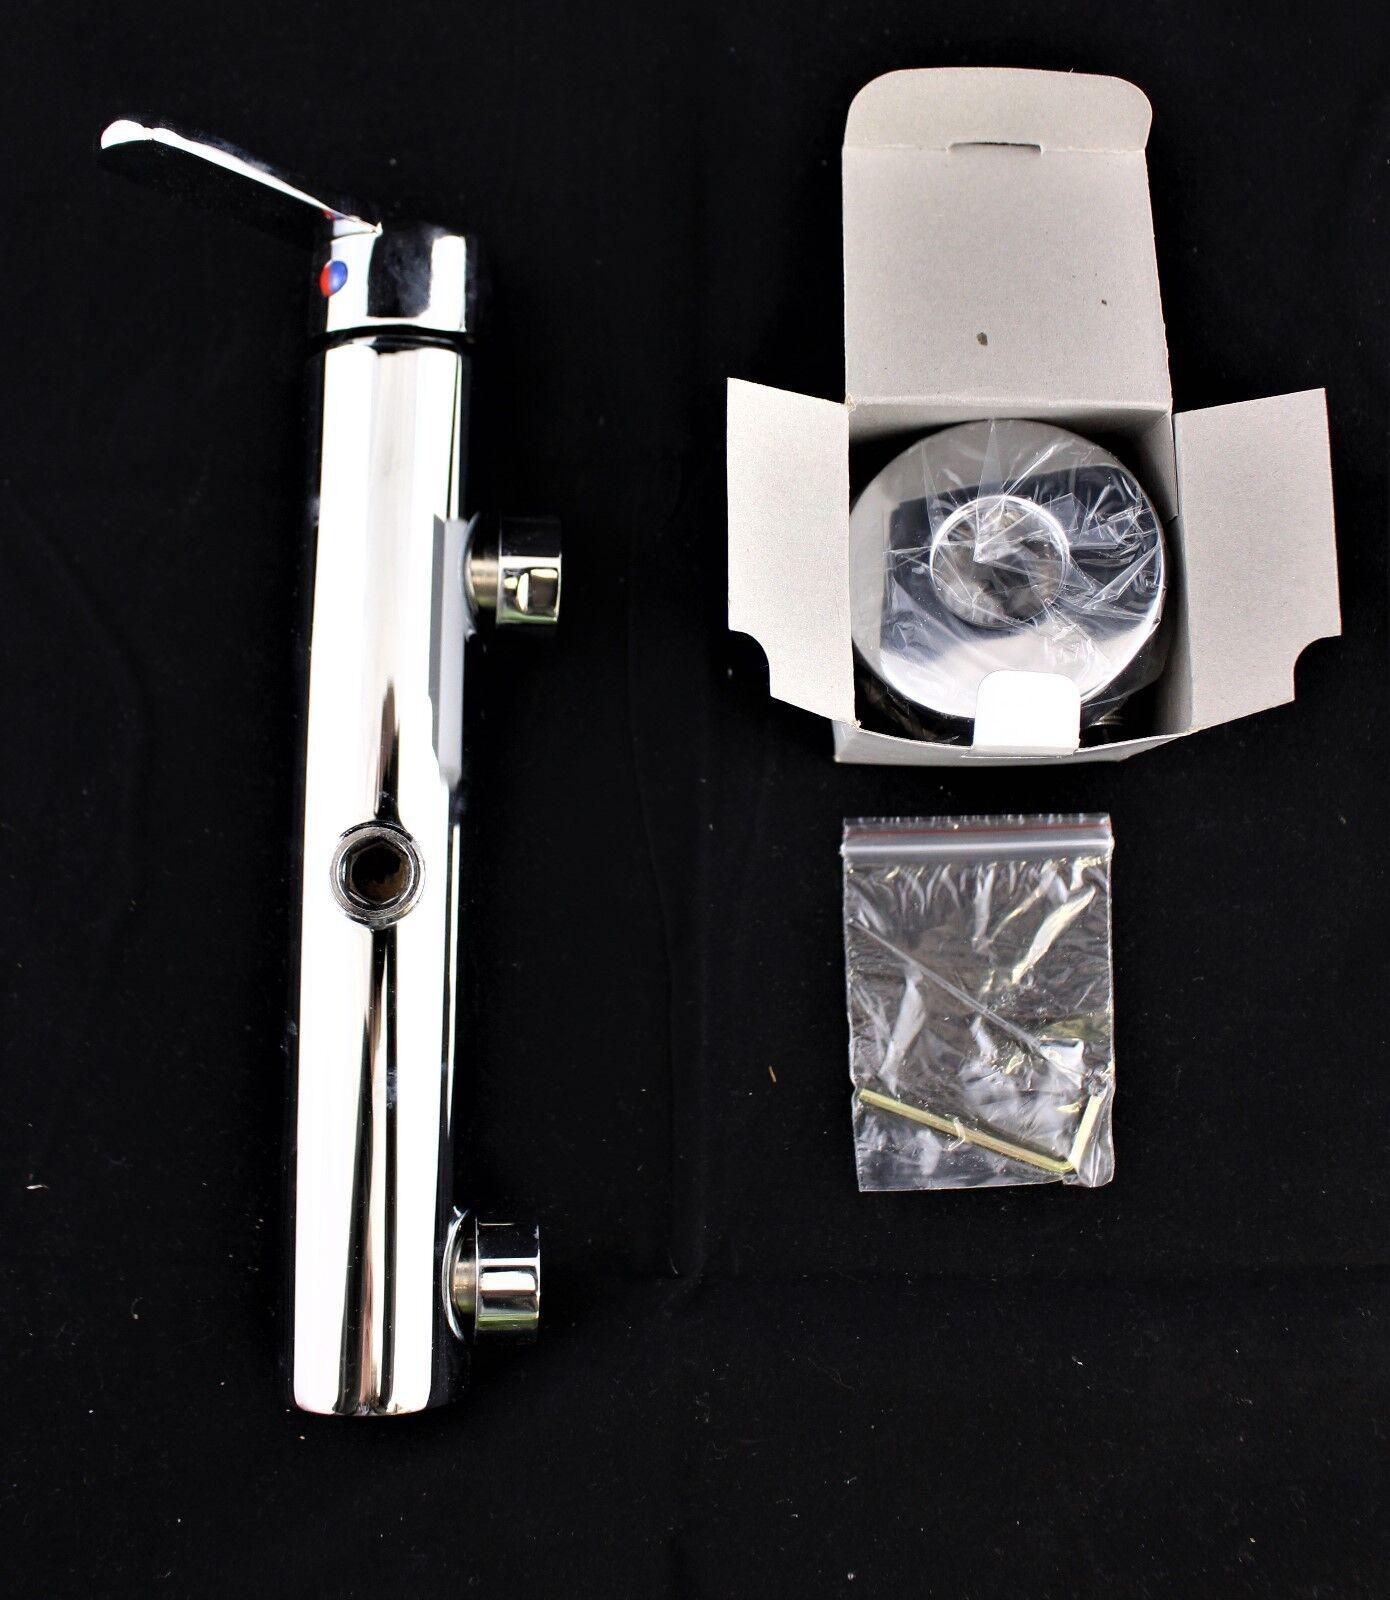 Nigara Dusch Armatur Chrom 26140 Hoga Wannenarmatur - OVP | Jeder beschriebene Artikel ist verfügbar  | Wir haben von unseren Kunden Lob erhalten.  | Creative  | Moderner Modus